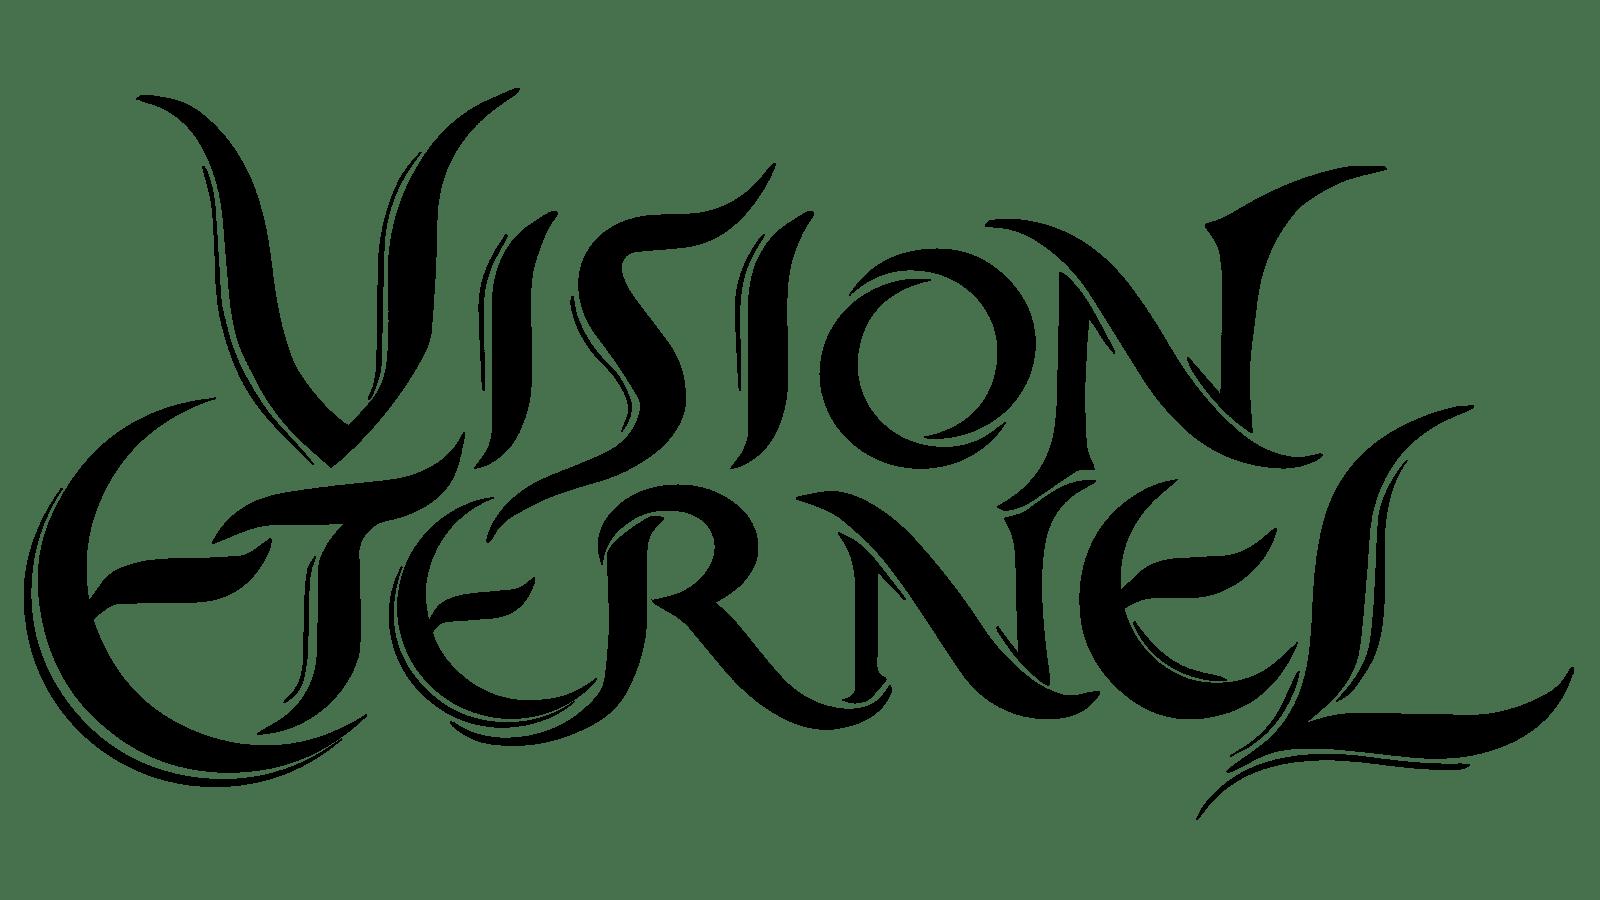 New Vision Éternel Logo Designed By Christophe Szpajdel